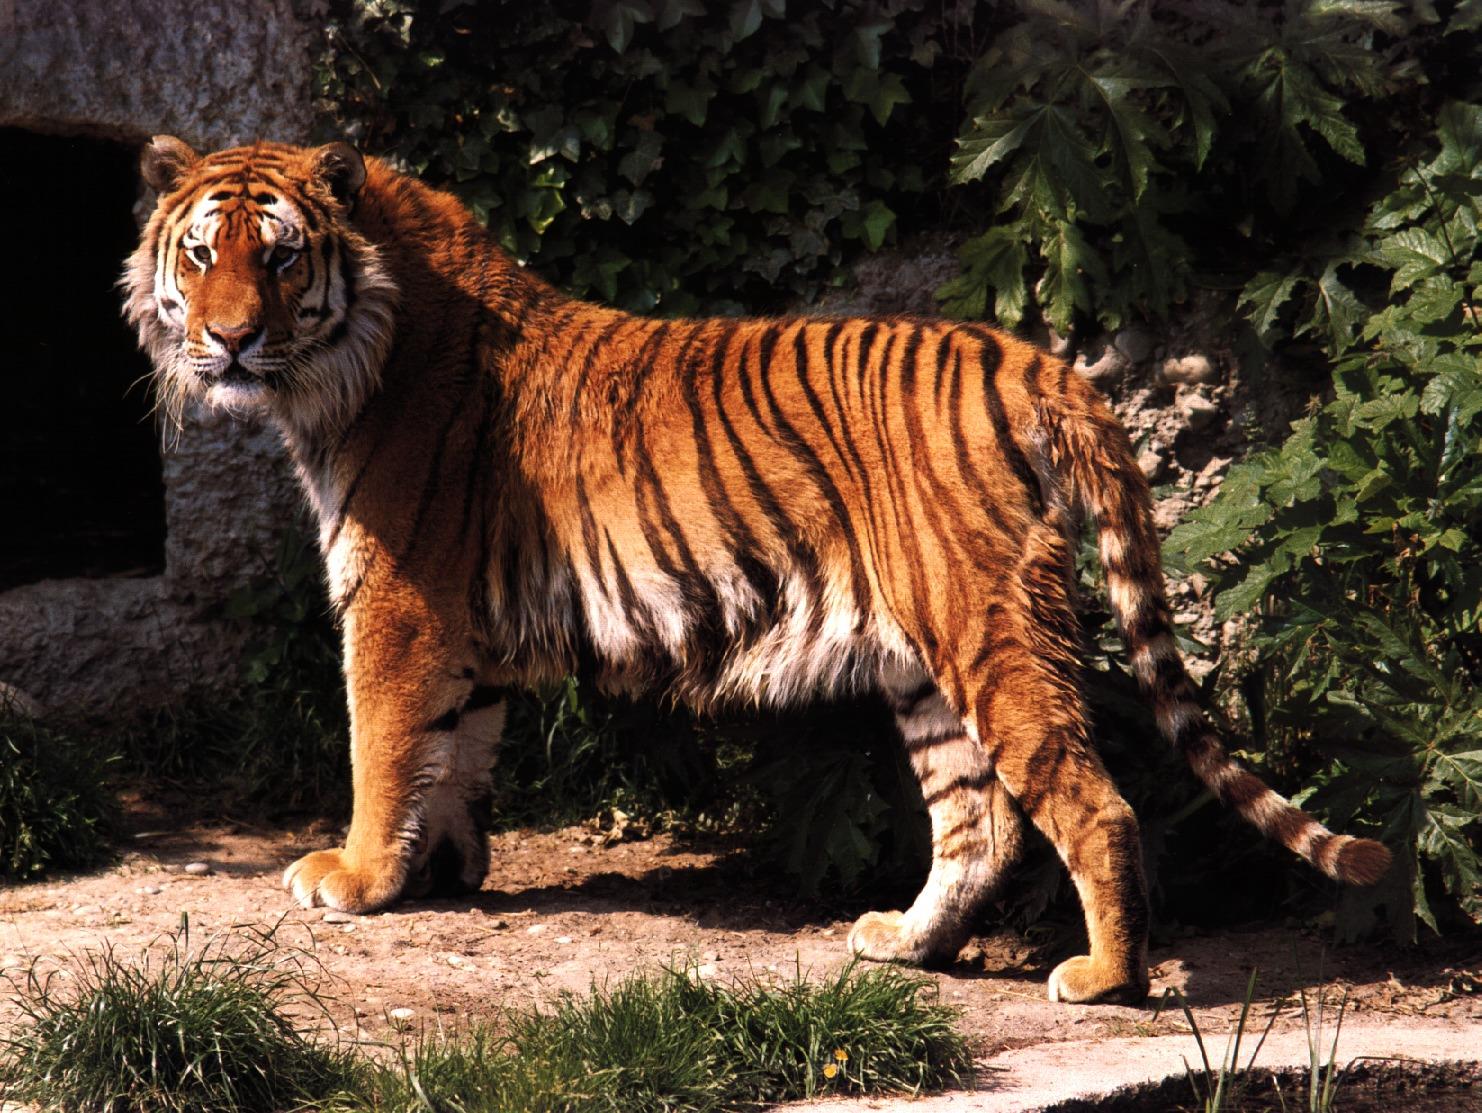 Тигры. Фото галерея. - Pridelands.ru: www.pridelands.ru/?p=real-tigersgallery&c=5&r=8